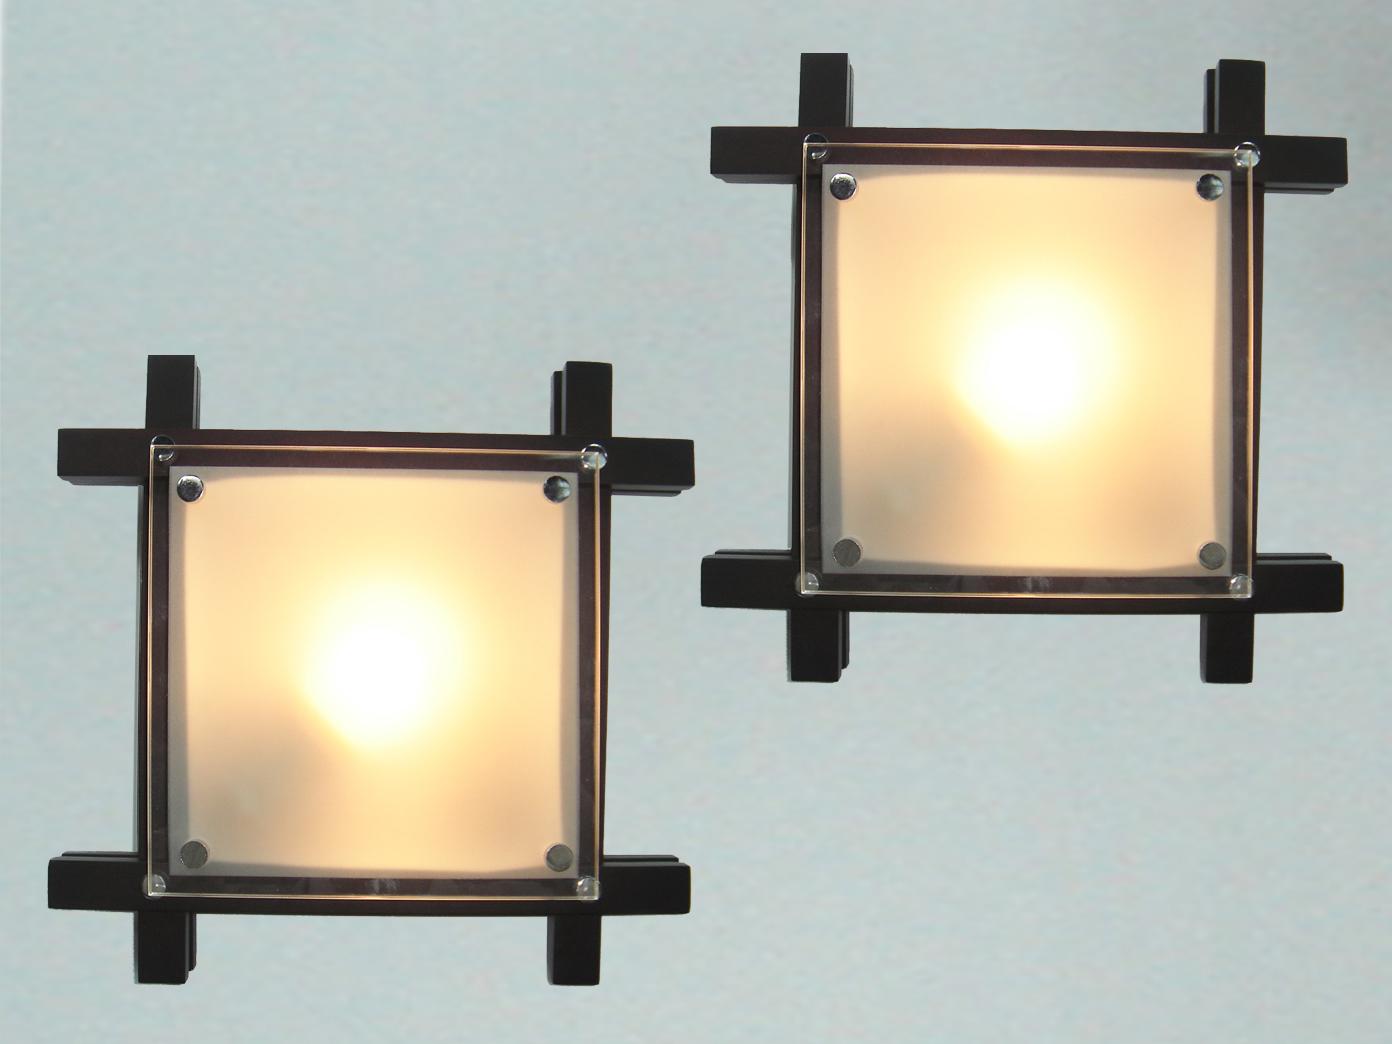 Deckenlampe Wohnraum Wohnzimmer Lampe Glas Globo Deckenleuchte EDISON Holz